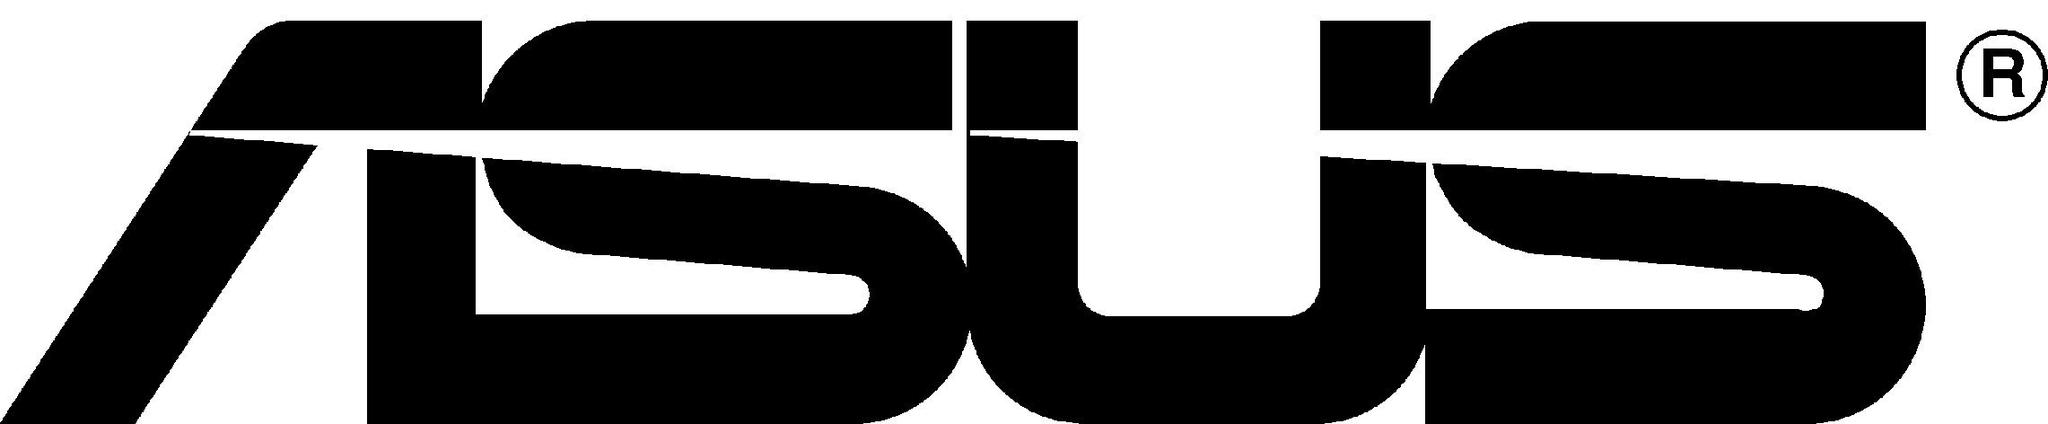 Image result for ASUS logo jpg